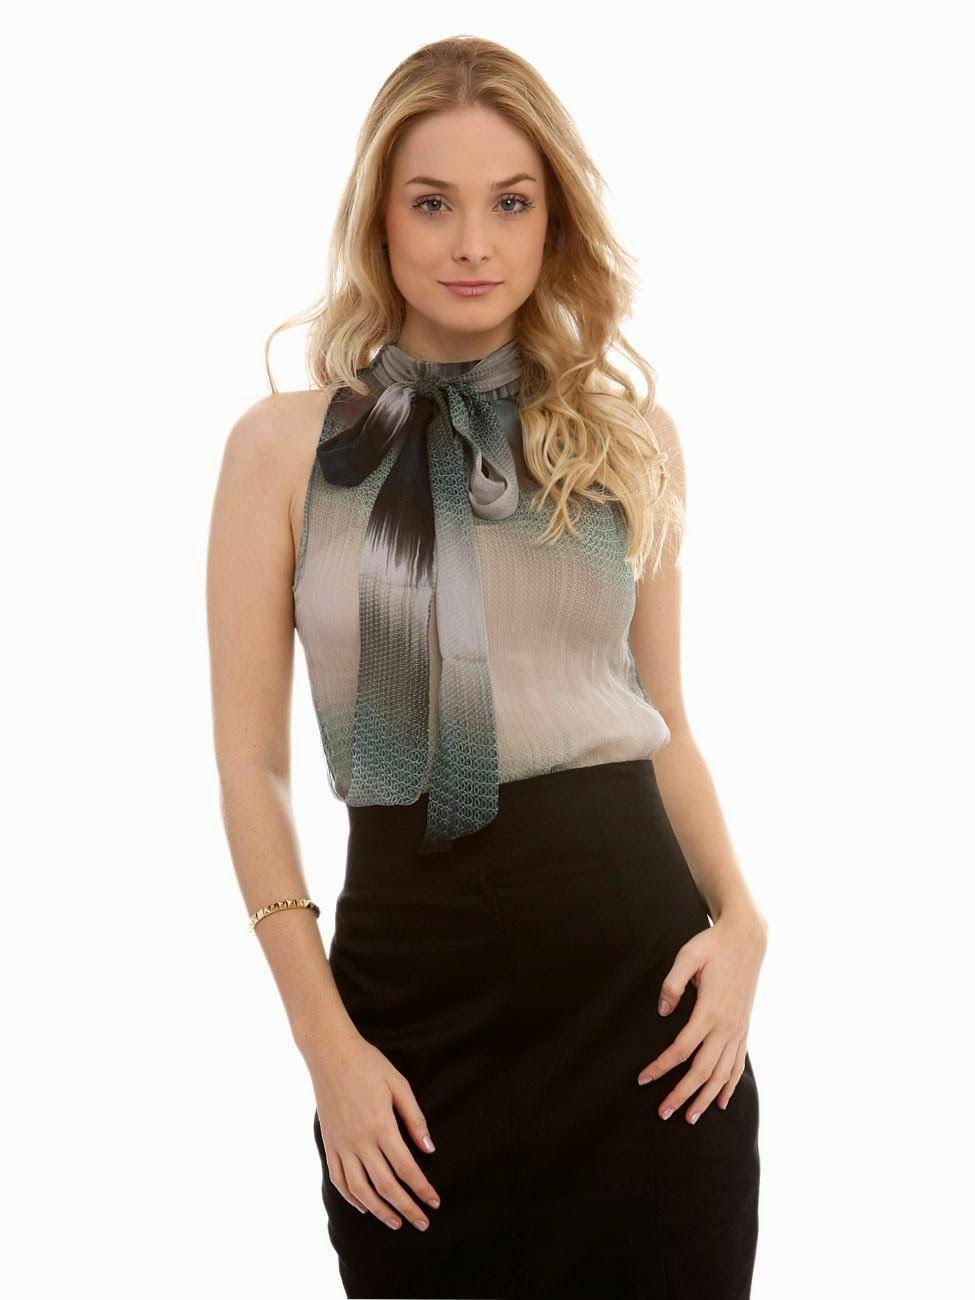 f670148ceb Modelos de Blusas Sociais Femininas – Fotos Mais